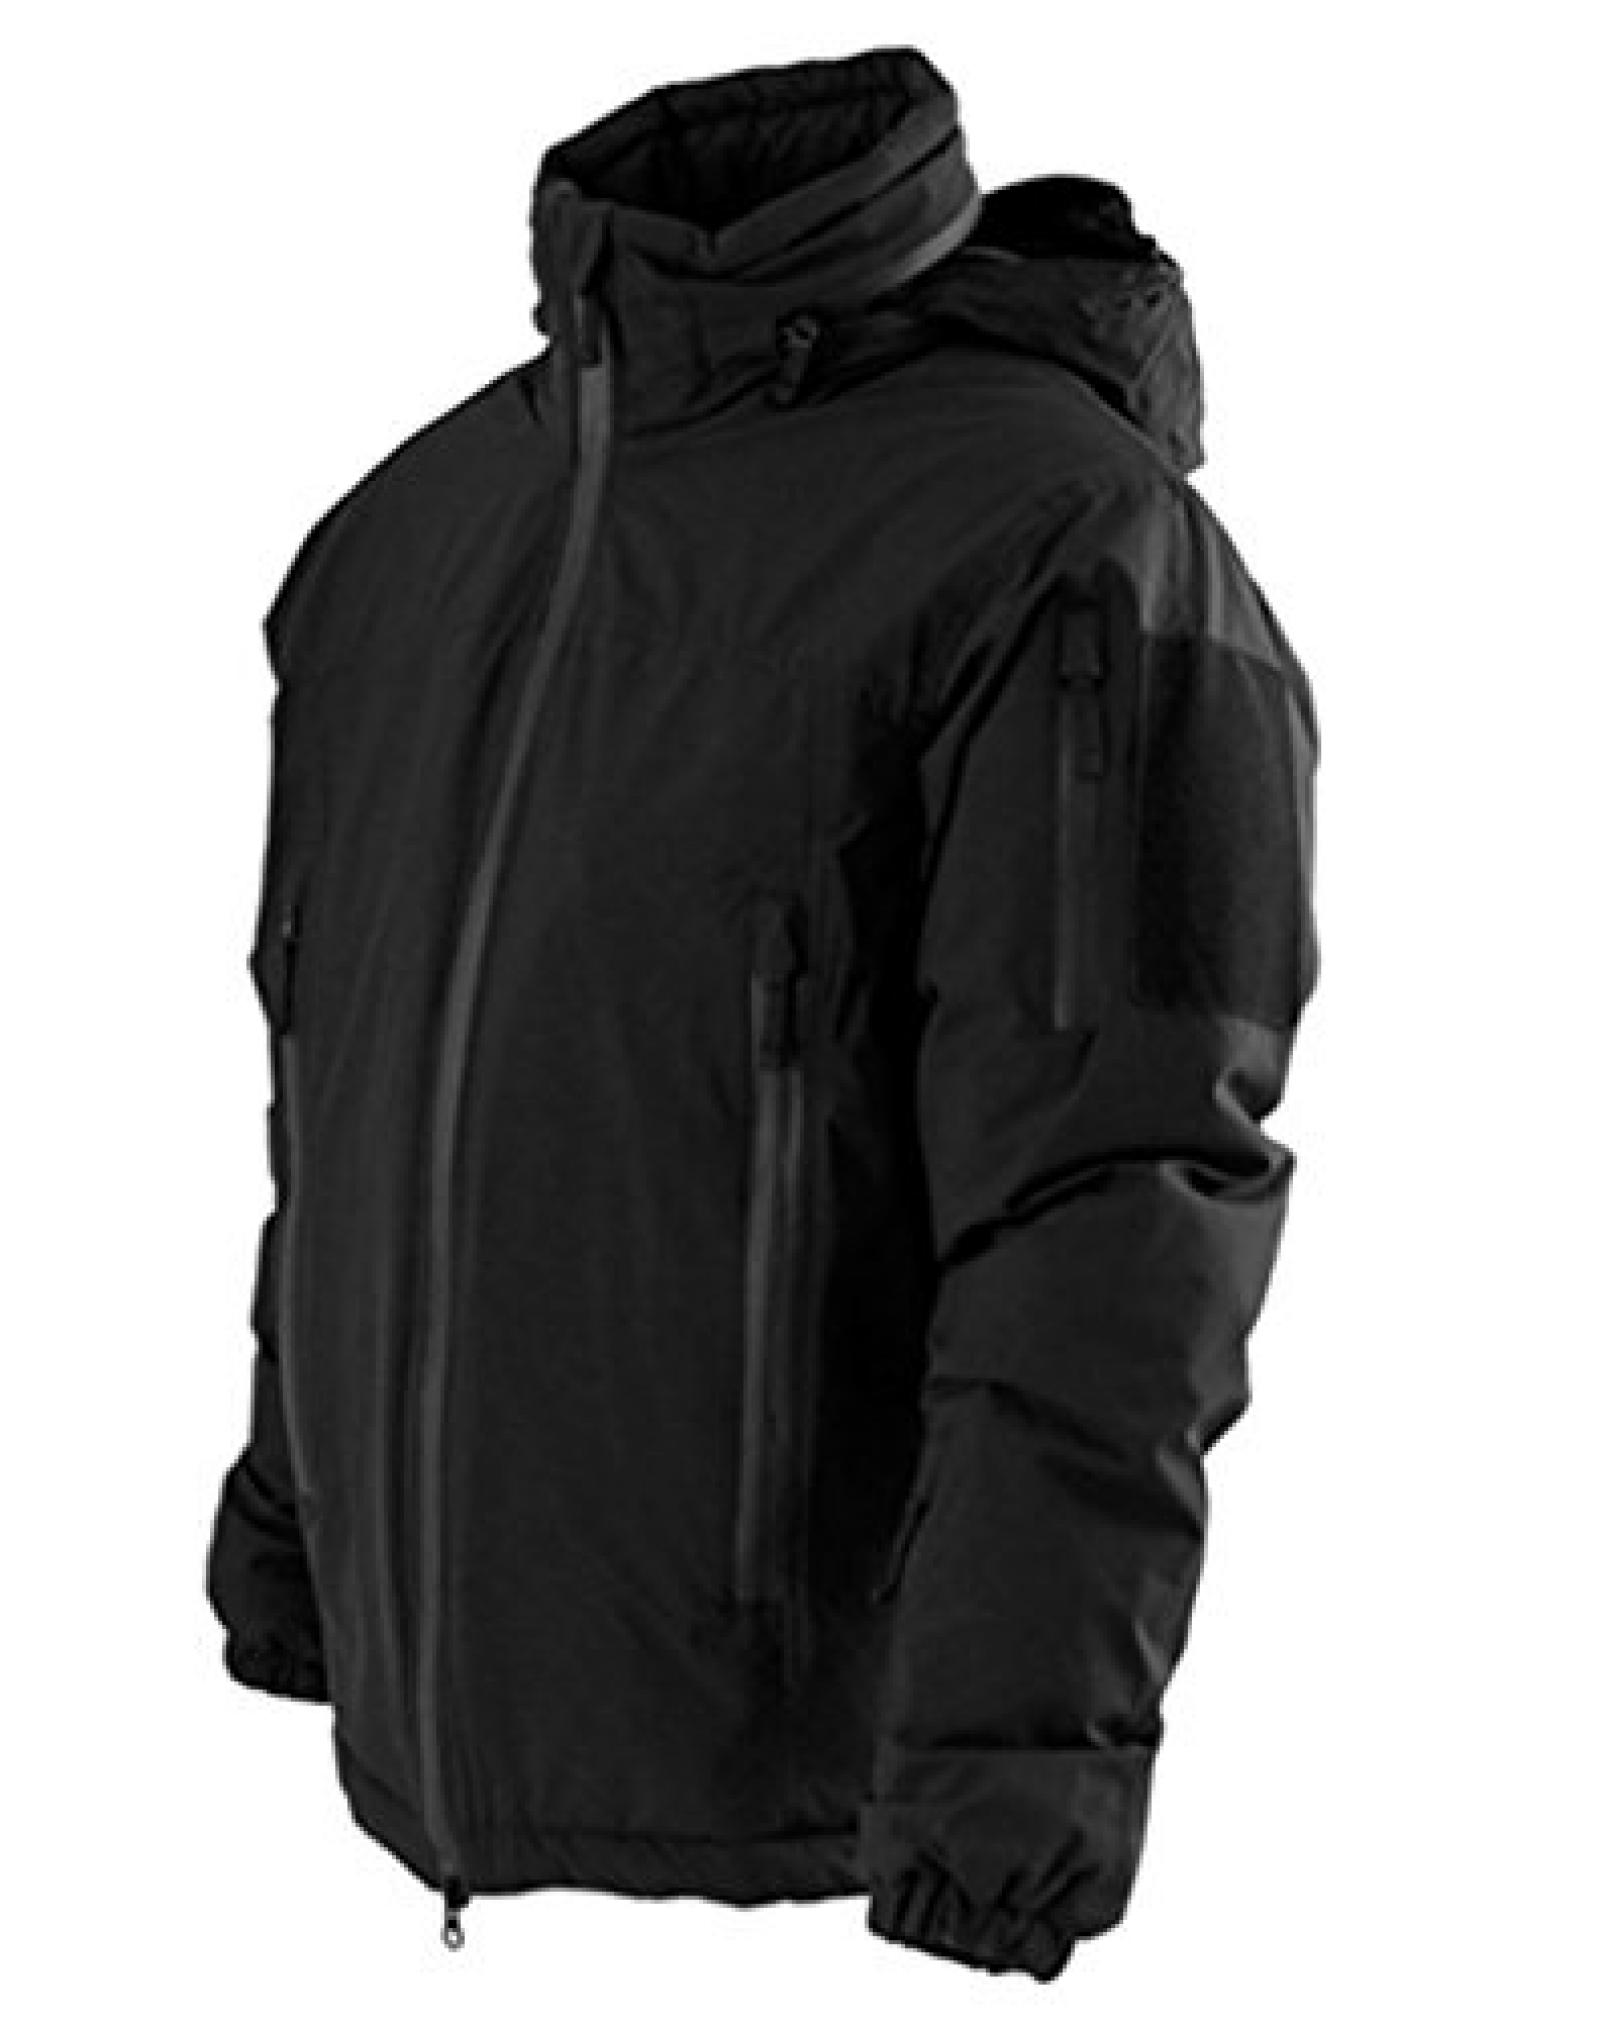 Carinthia HIG 2.0 Jacket